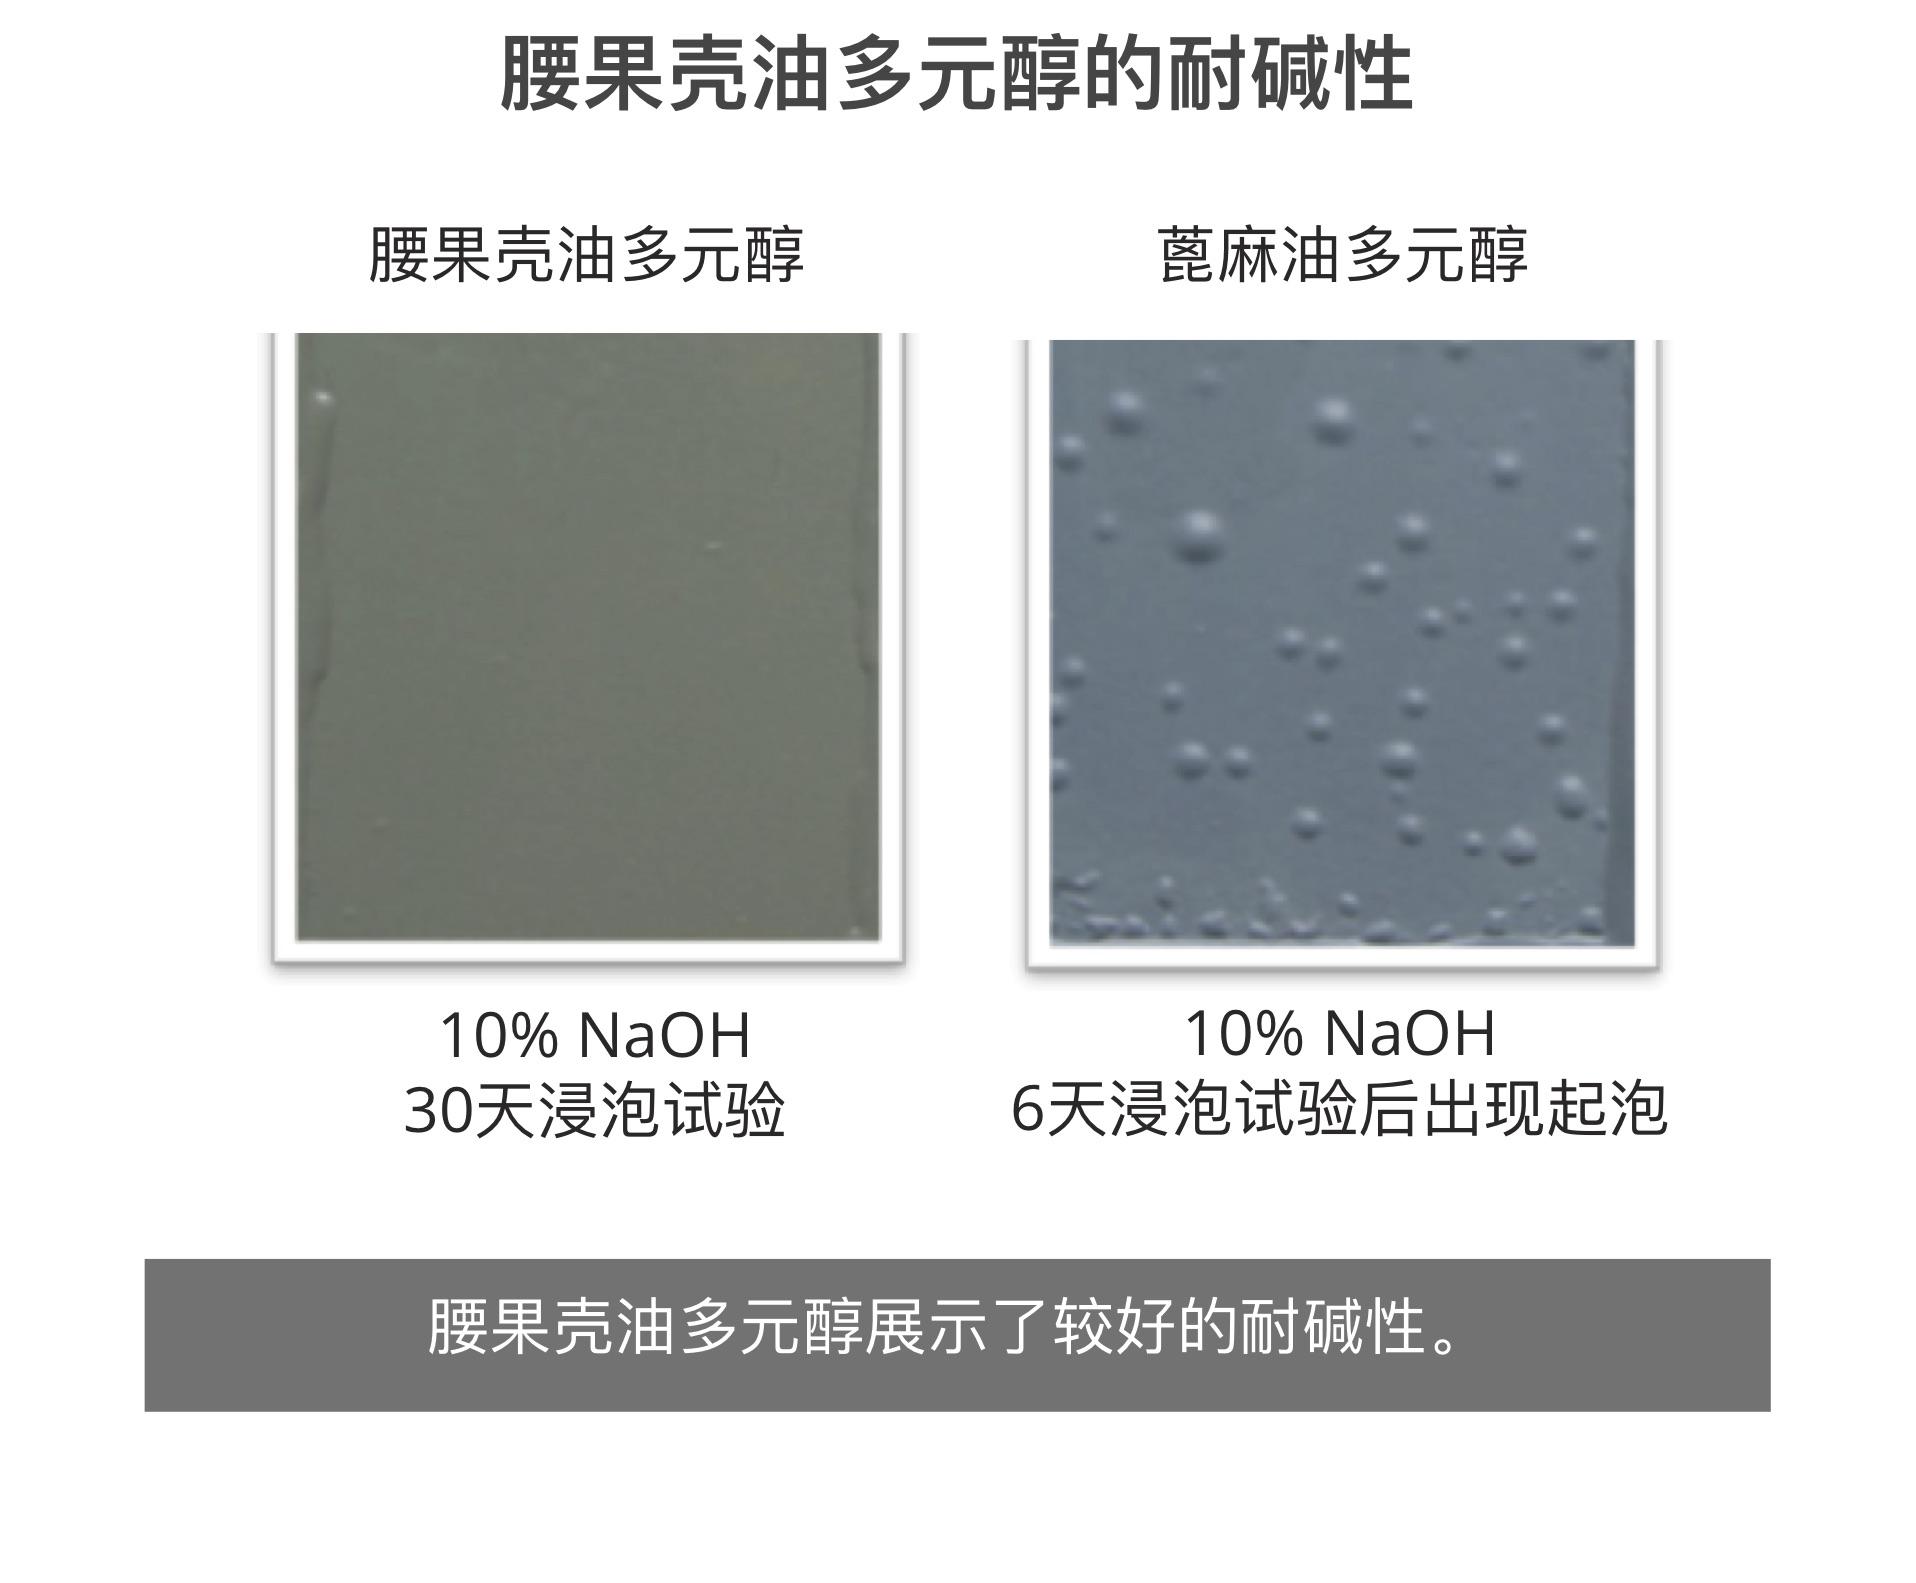 腰果壳油多元醇展示了较好的耐碱性。